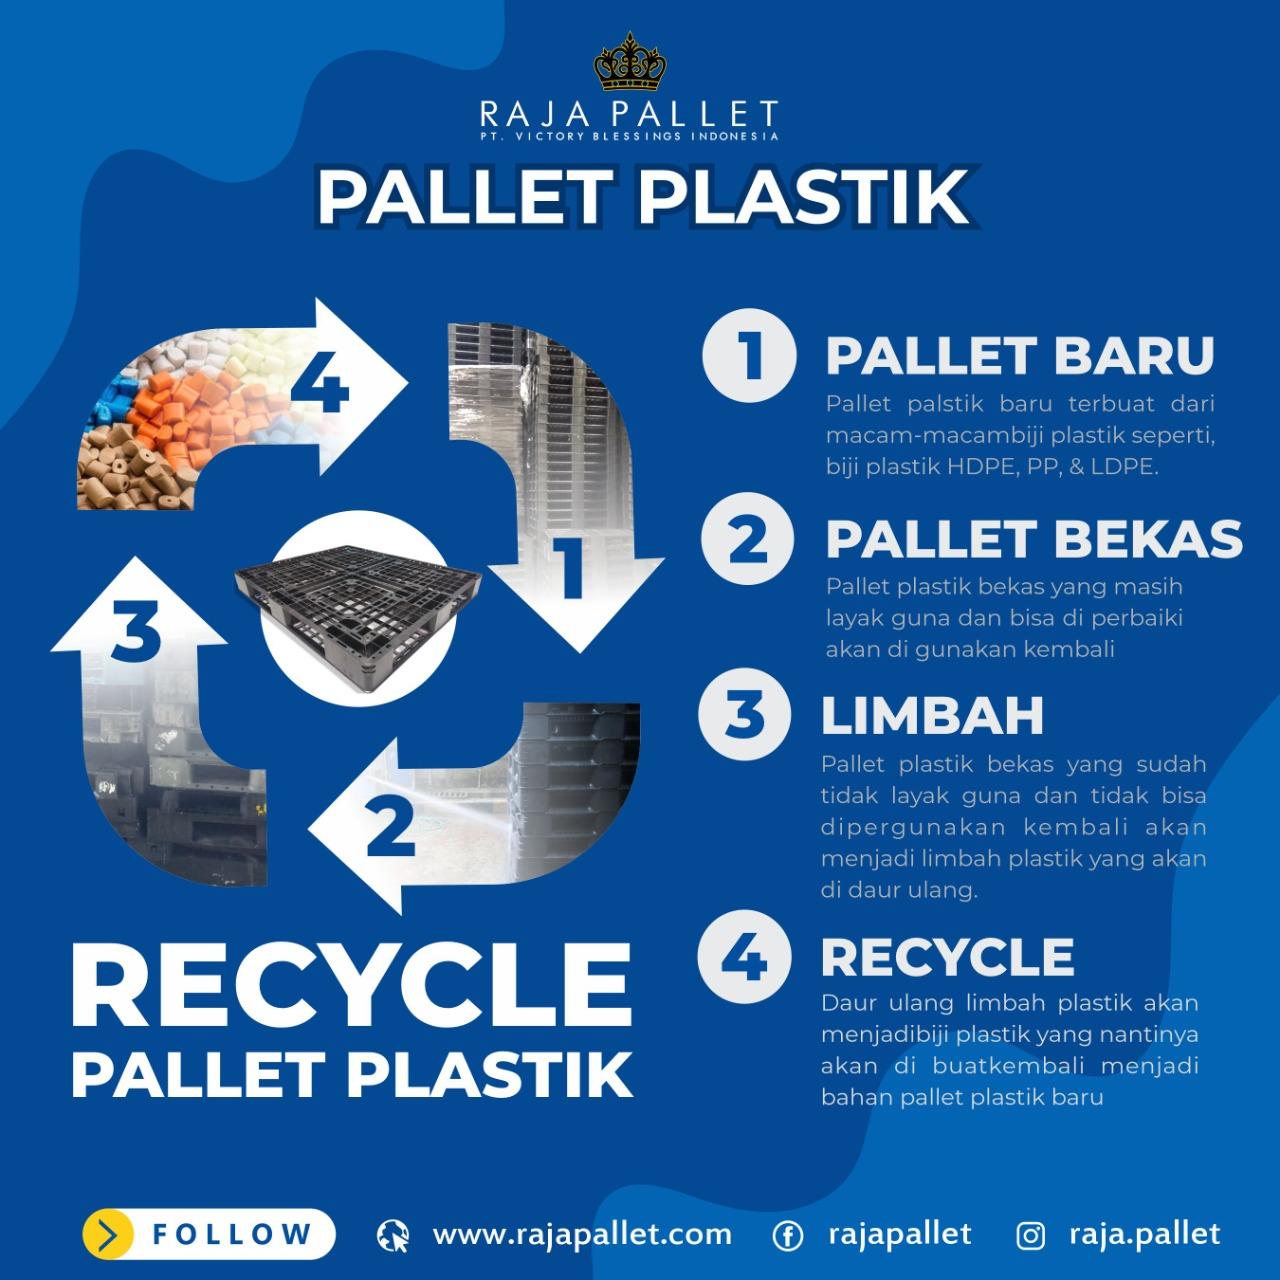 Proses daur ulang limbah pallet plastik